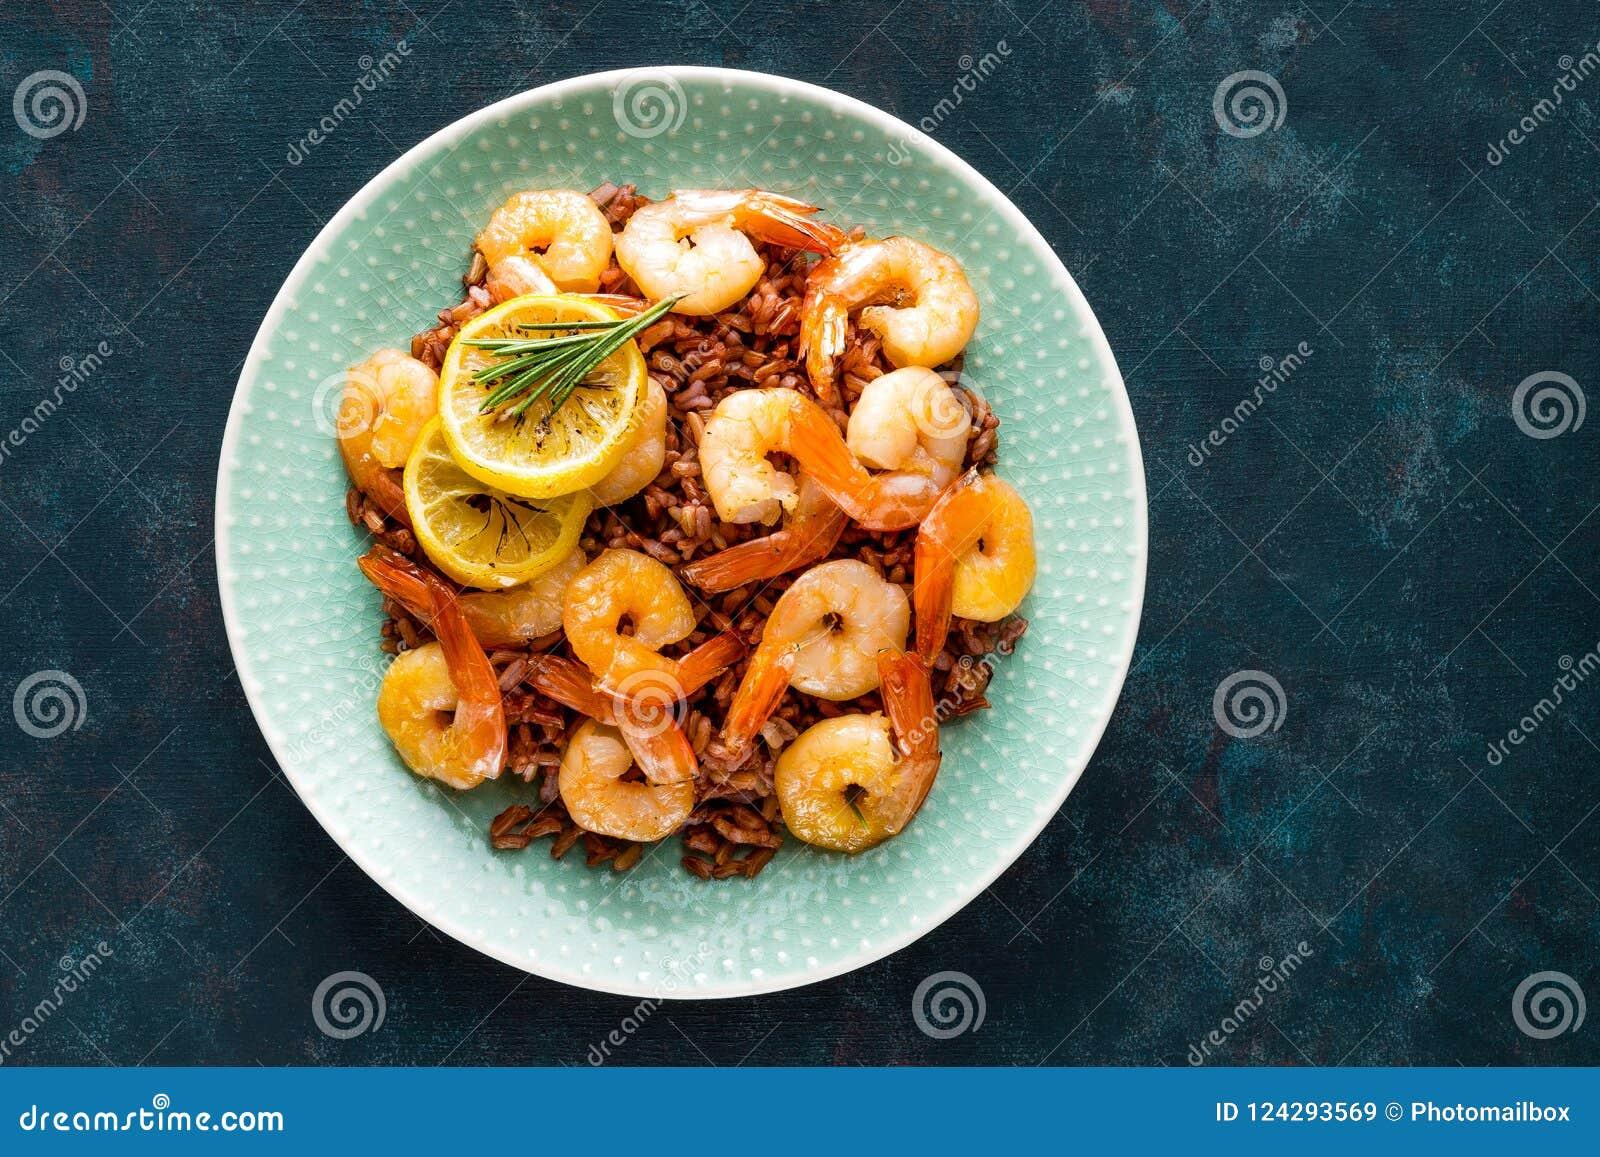 Las gambas asaron en parrilla e hirvieron el arroz moreno en la placa Camarones asados a la parrilla, gambas con arroz Mariscos C